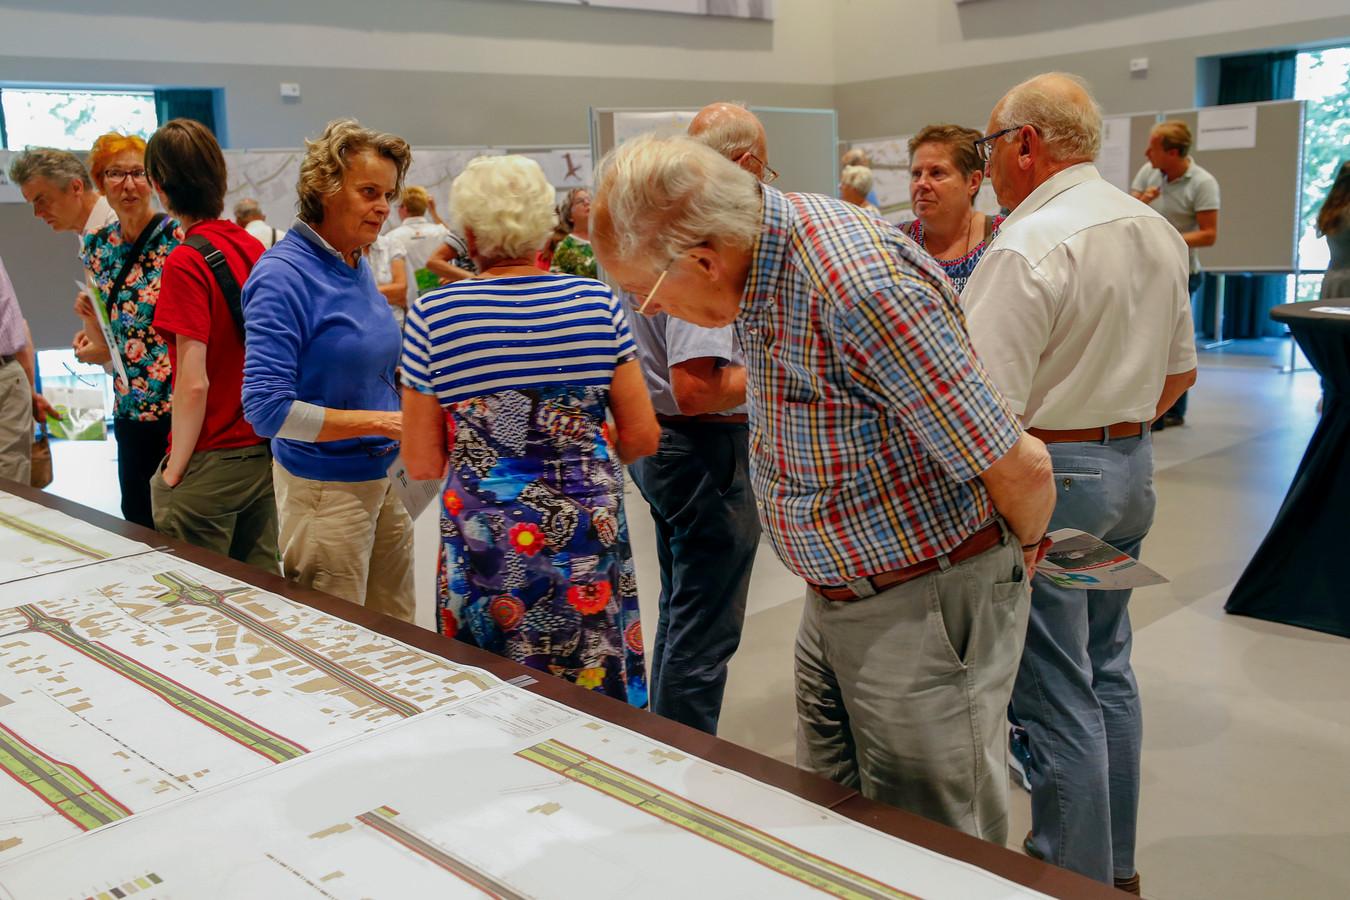 Inwoners van Waalre worden bijgepraat over plannen om sluipverkeer tegen te gaan